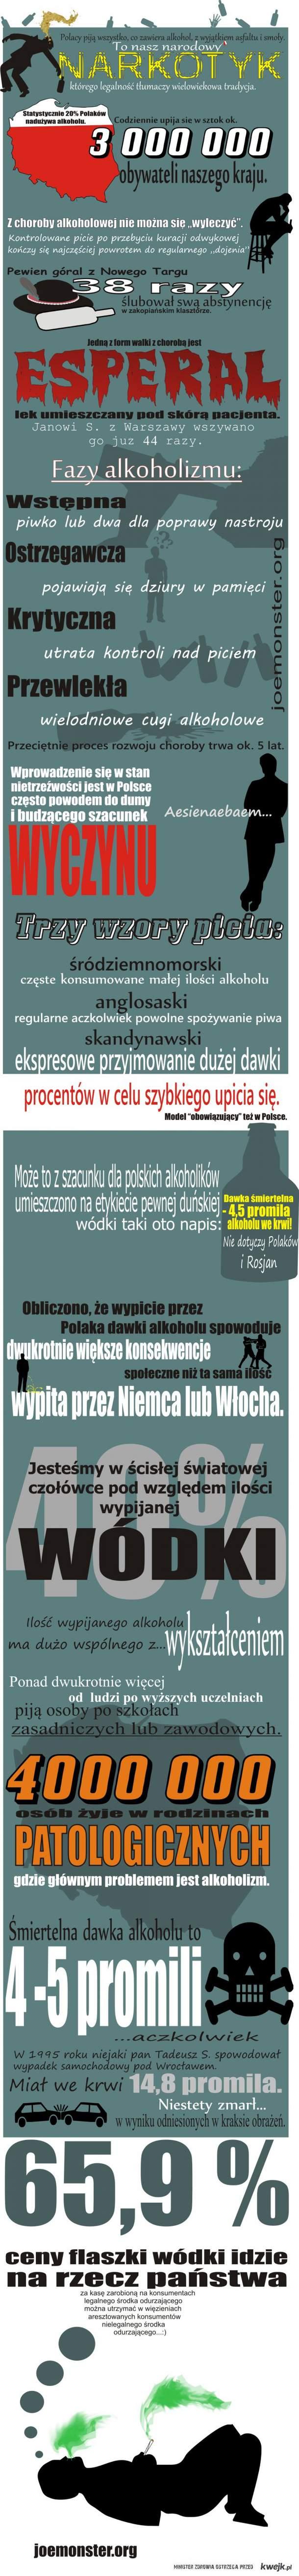 Wszystko o piciu alkoholu w Polsce